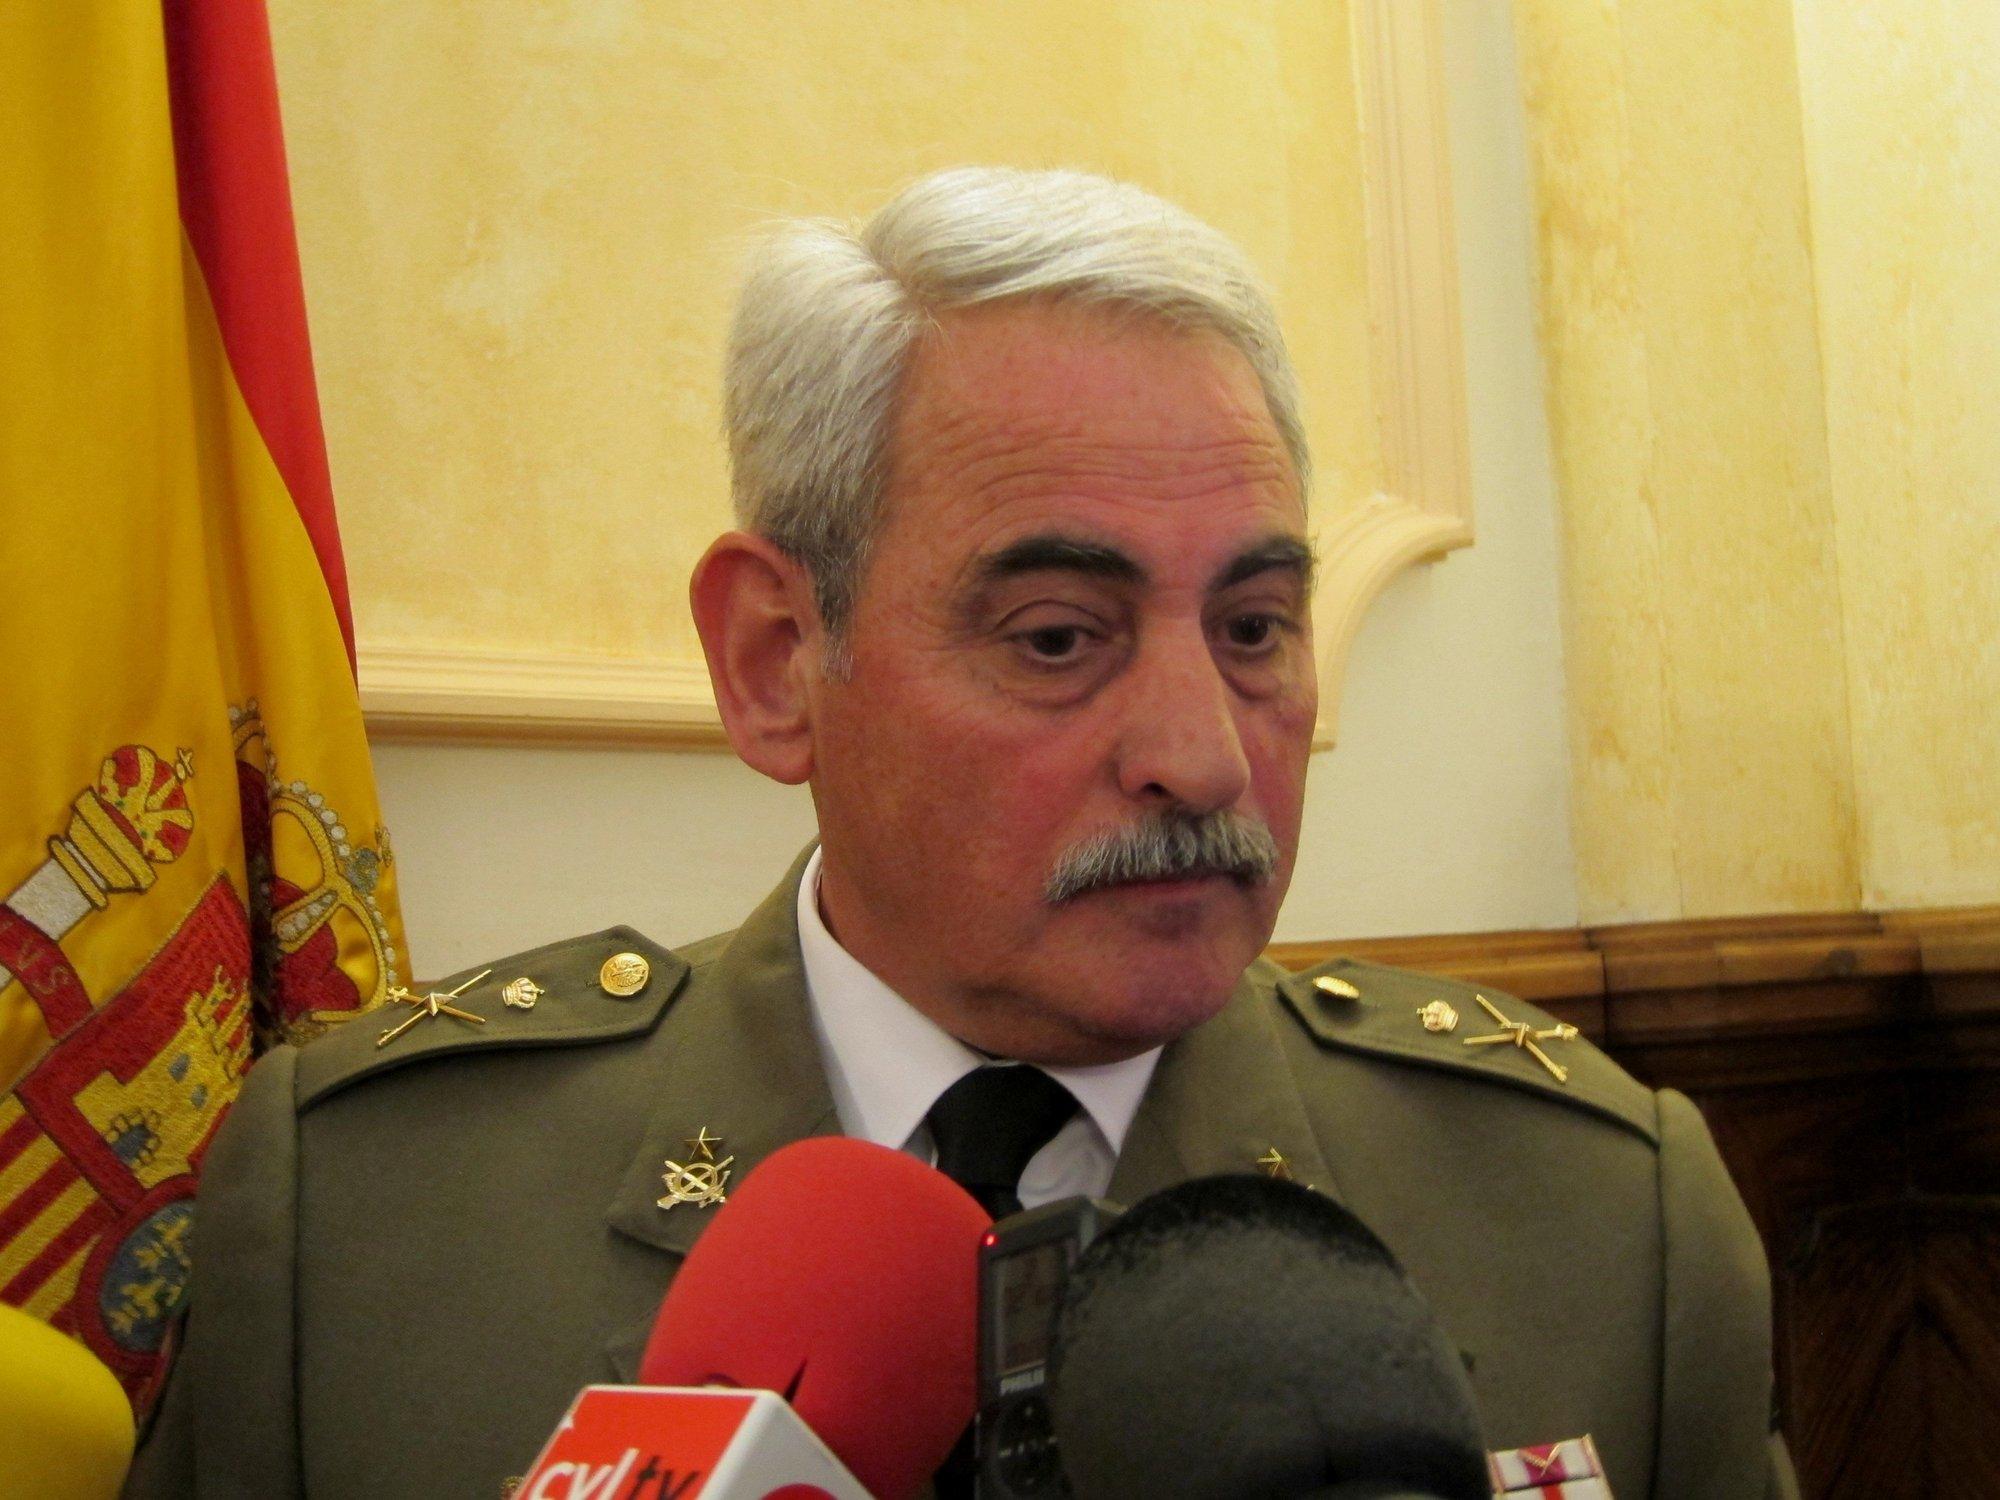 El comandante militar de Valladolid y Palencia asegura que el traslado desde La Rubia al Empecinado concluirá en mayo